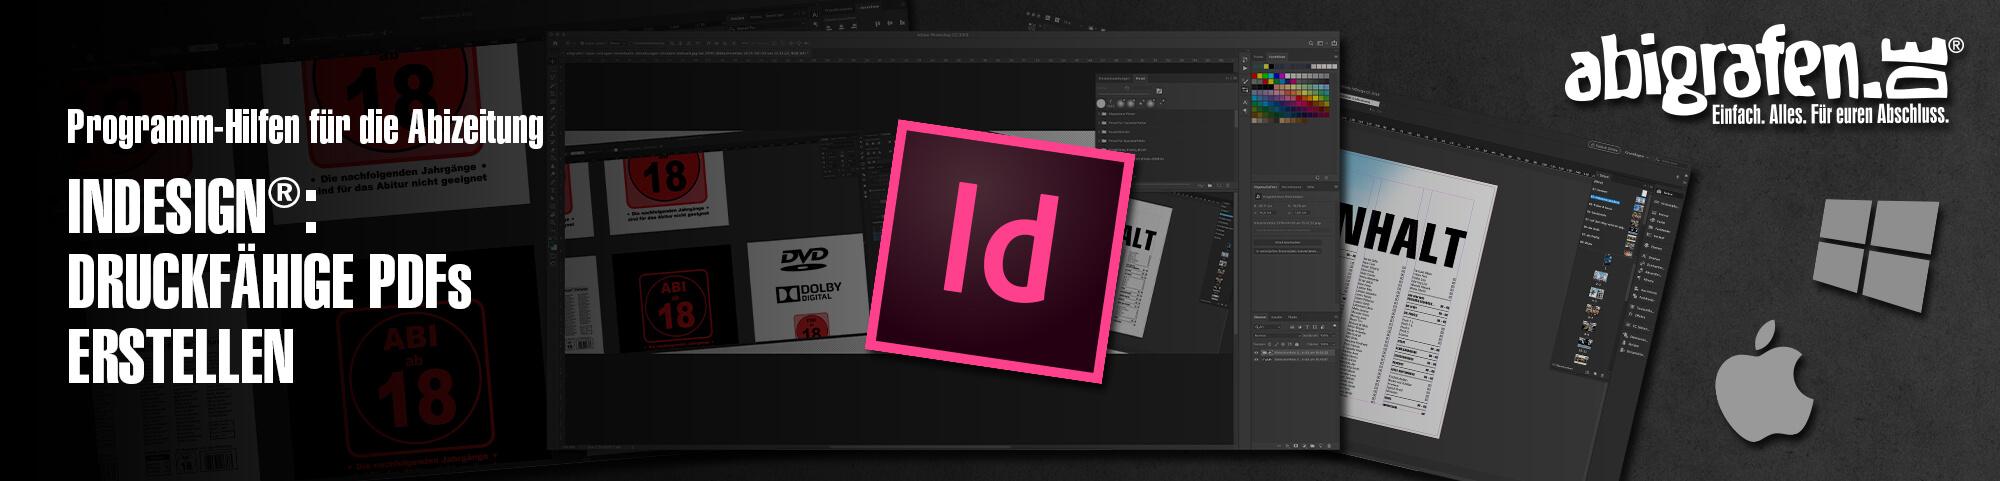 Programm-Hilfen für die Abizeitung – InDesign®: Druckfähige PDFs erstellen | Abizeitung / Abibuch exportieren mit Video-Tutorial auf abigrafen.de®